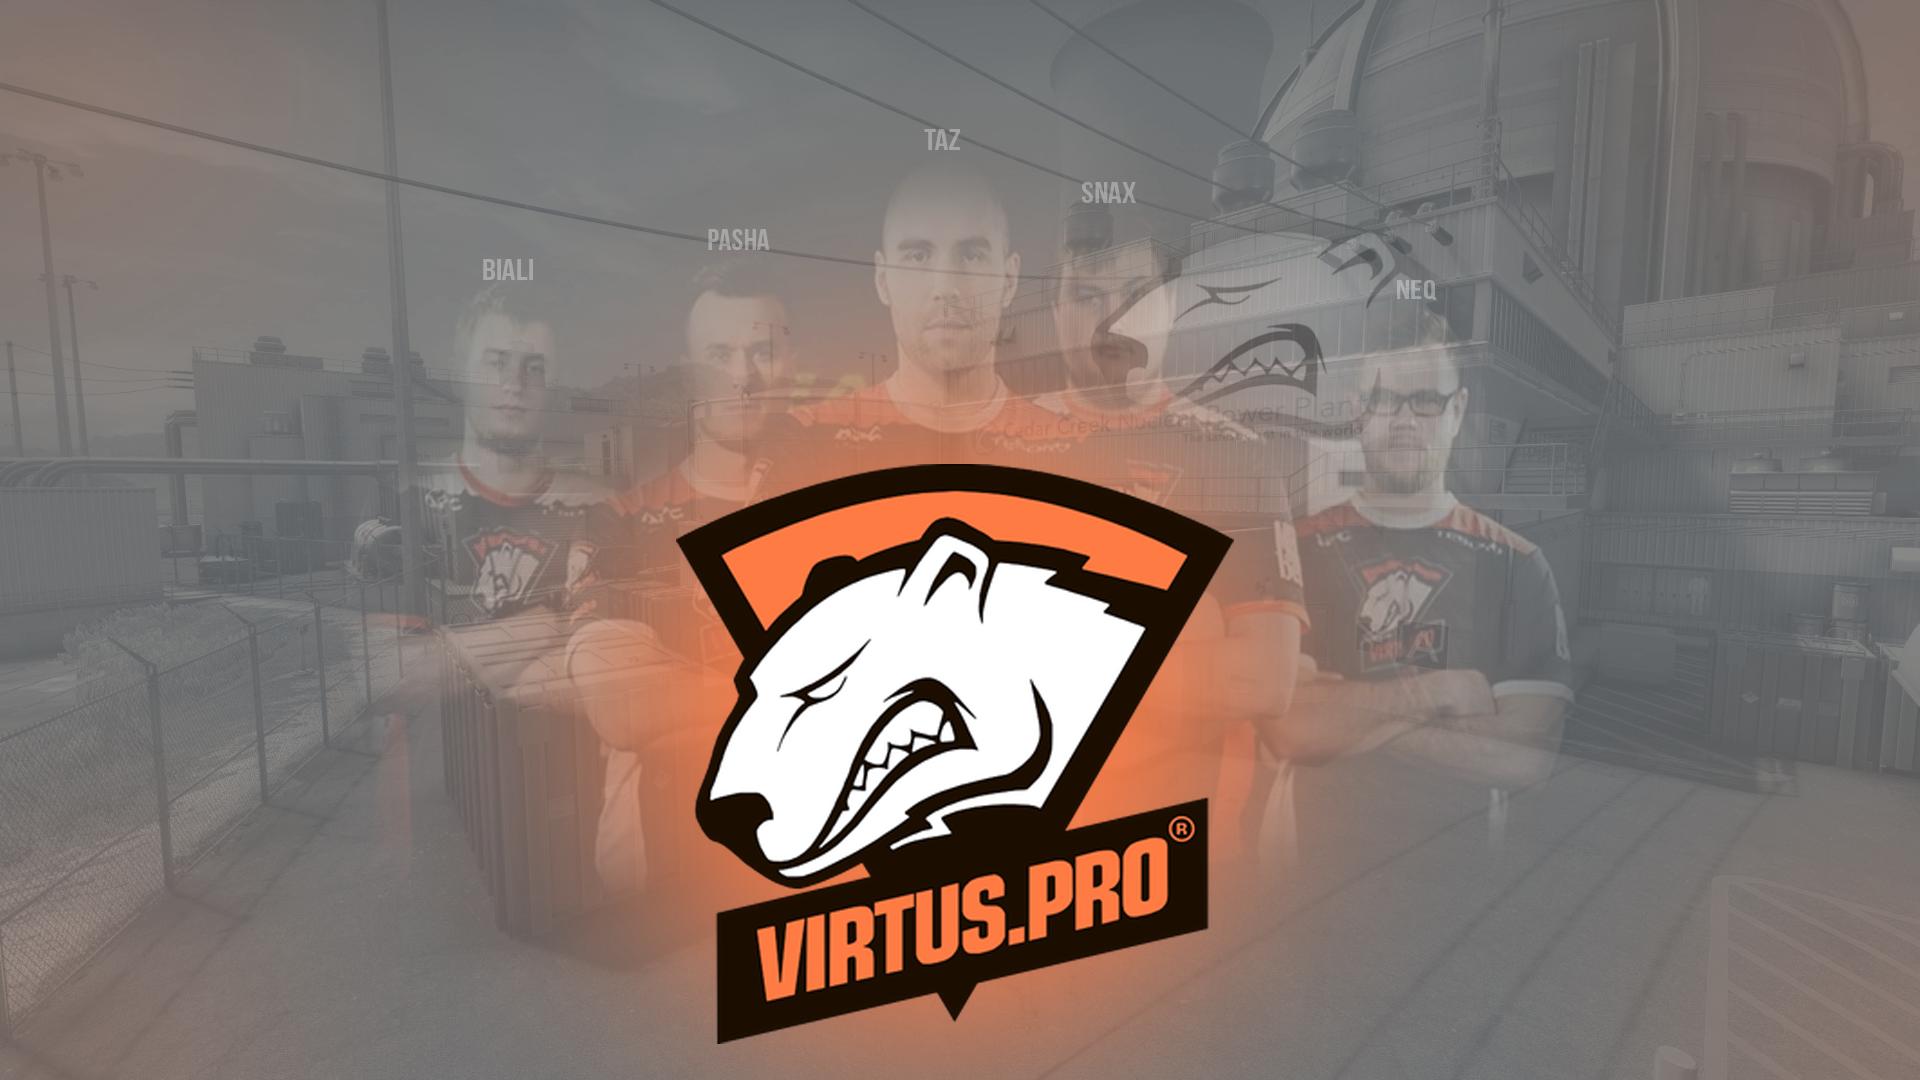 Virtus.pro :D